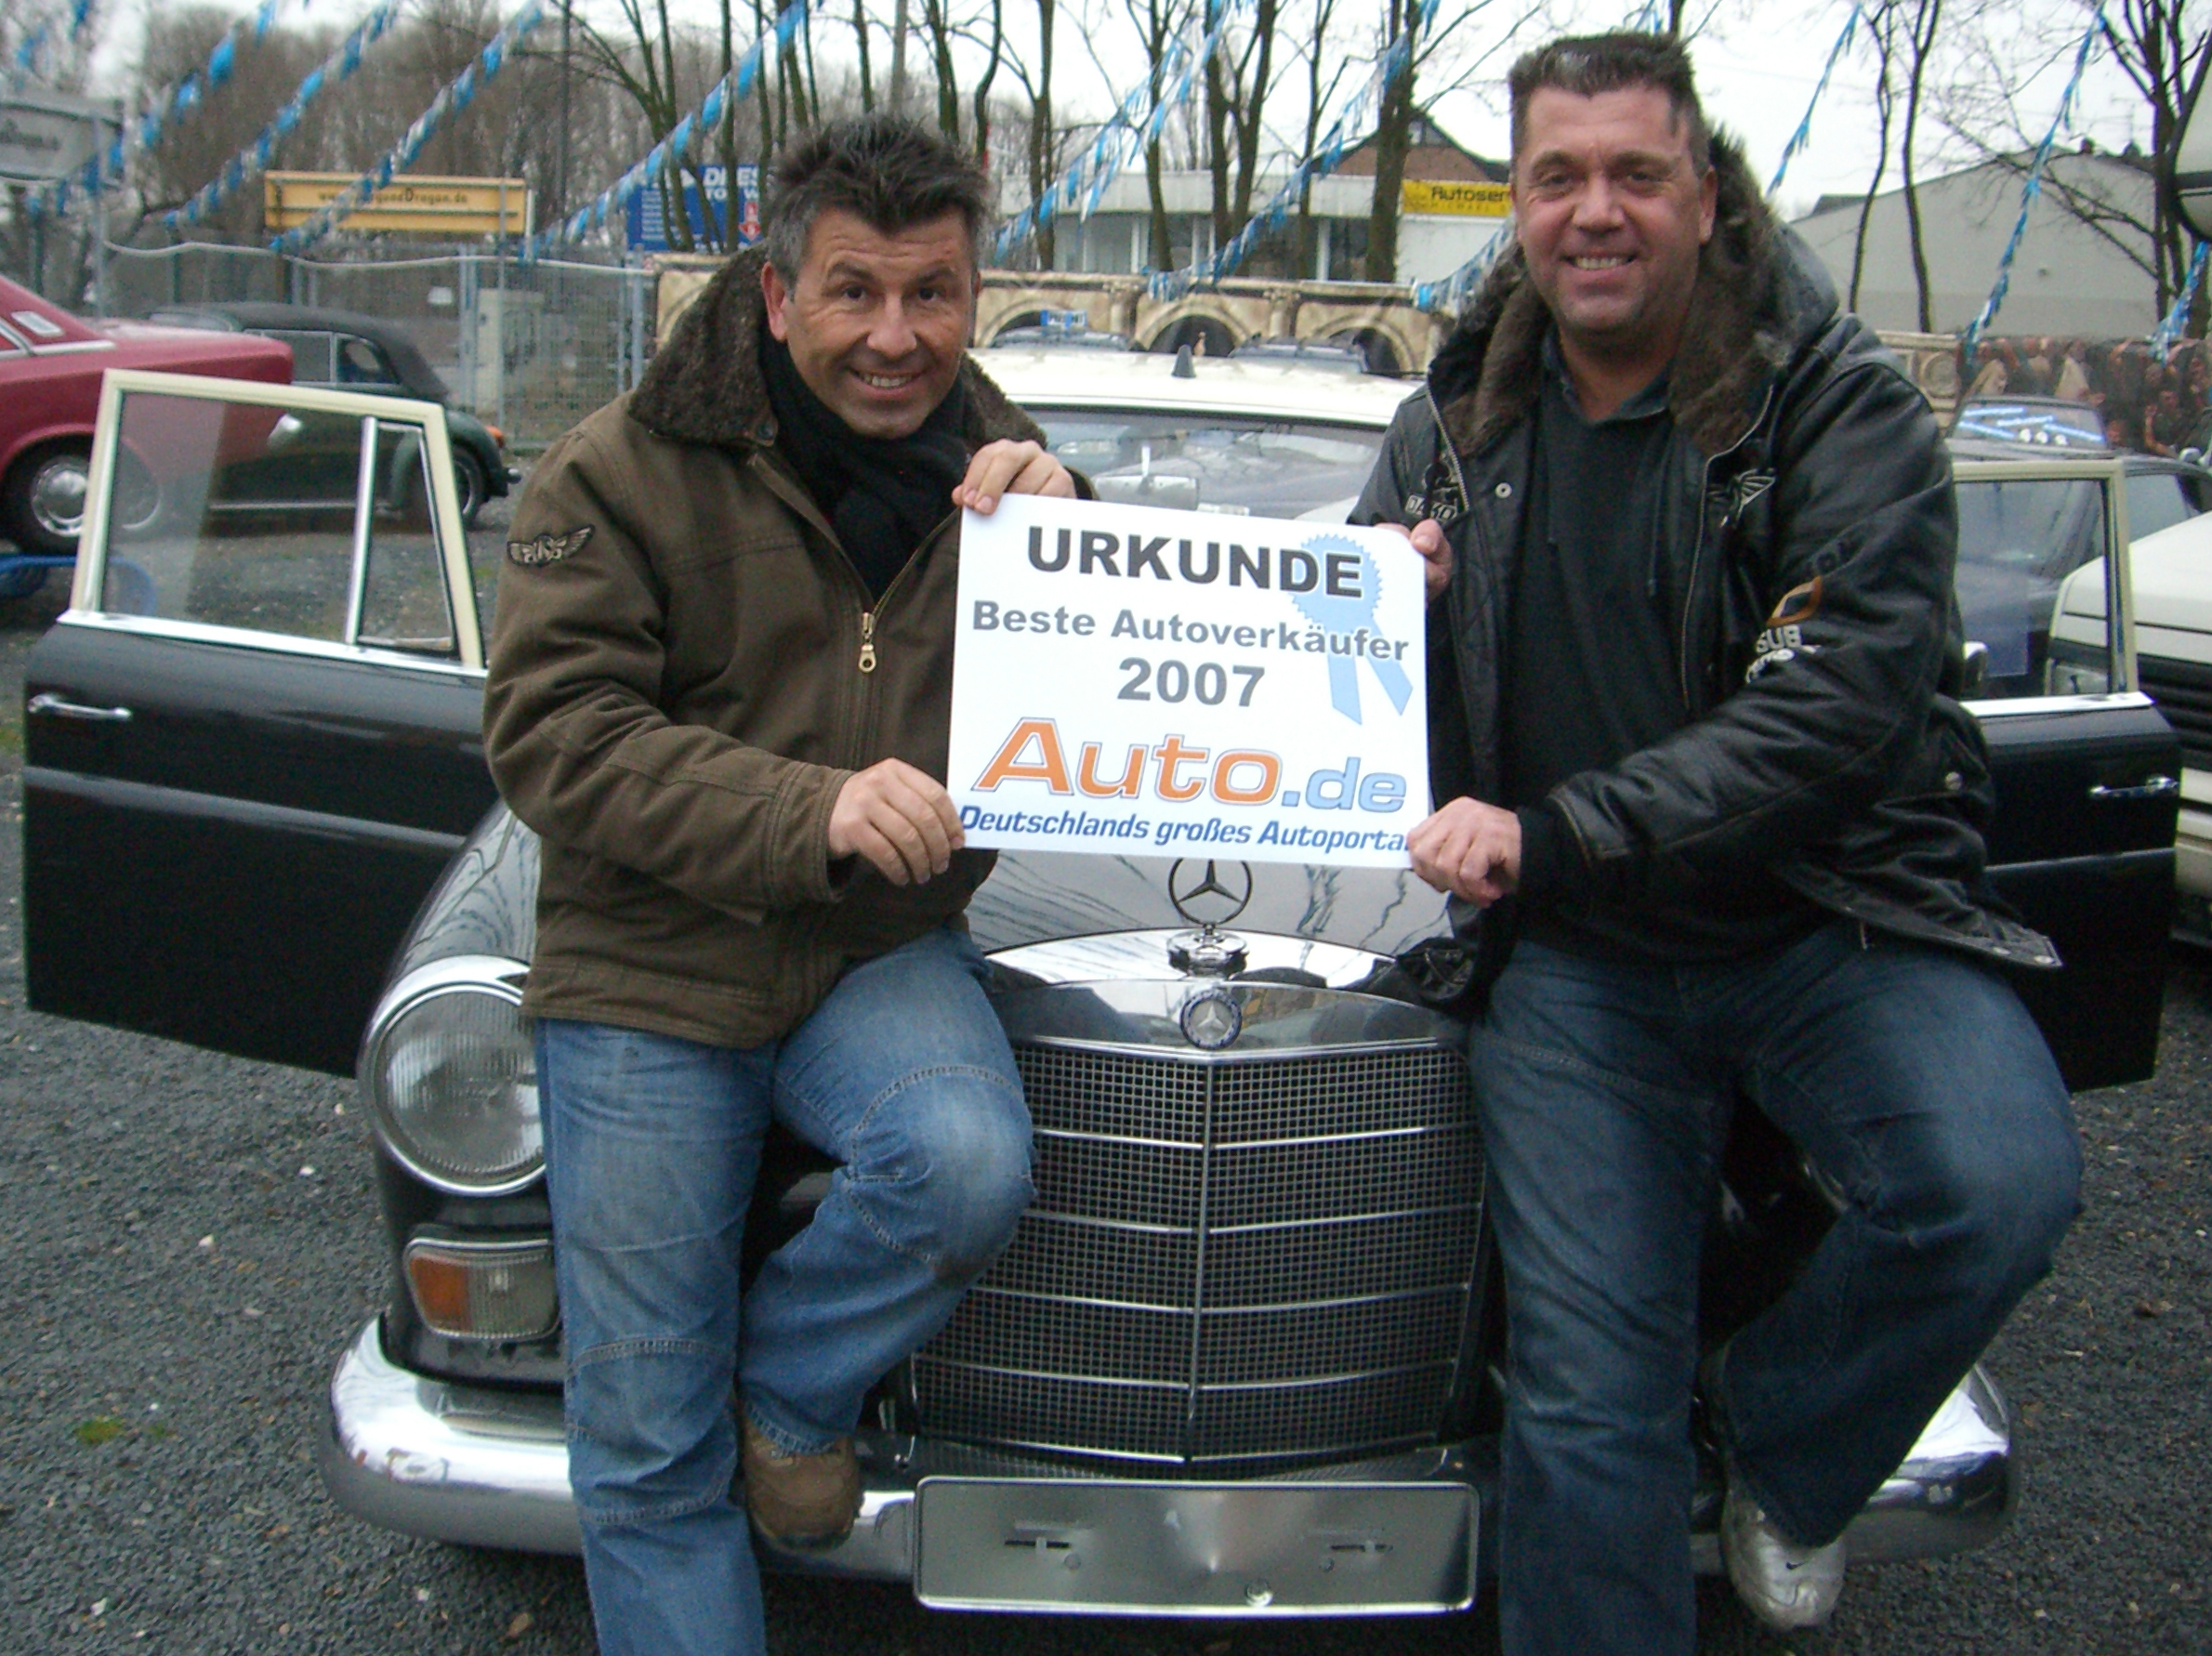 Die Verkaufstricks Der Rtl Autohändler Jörg Und Dragan Mit Witz